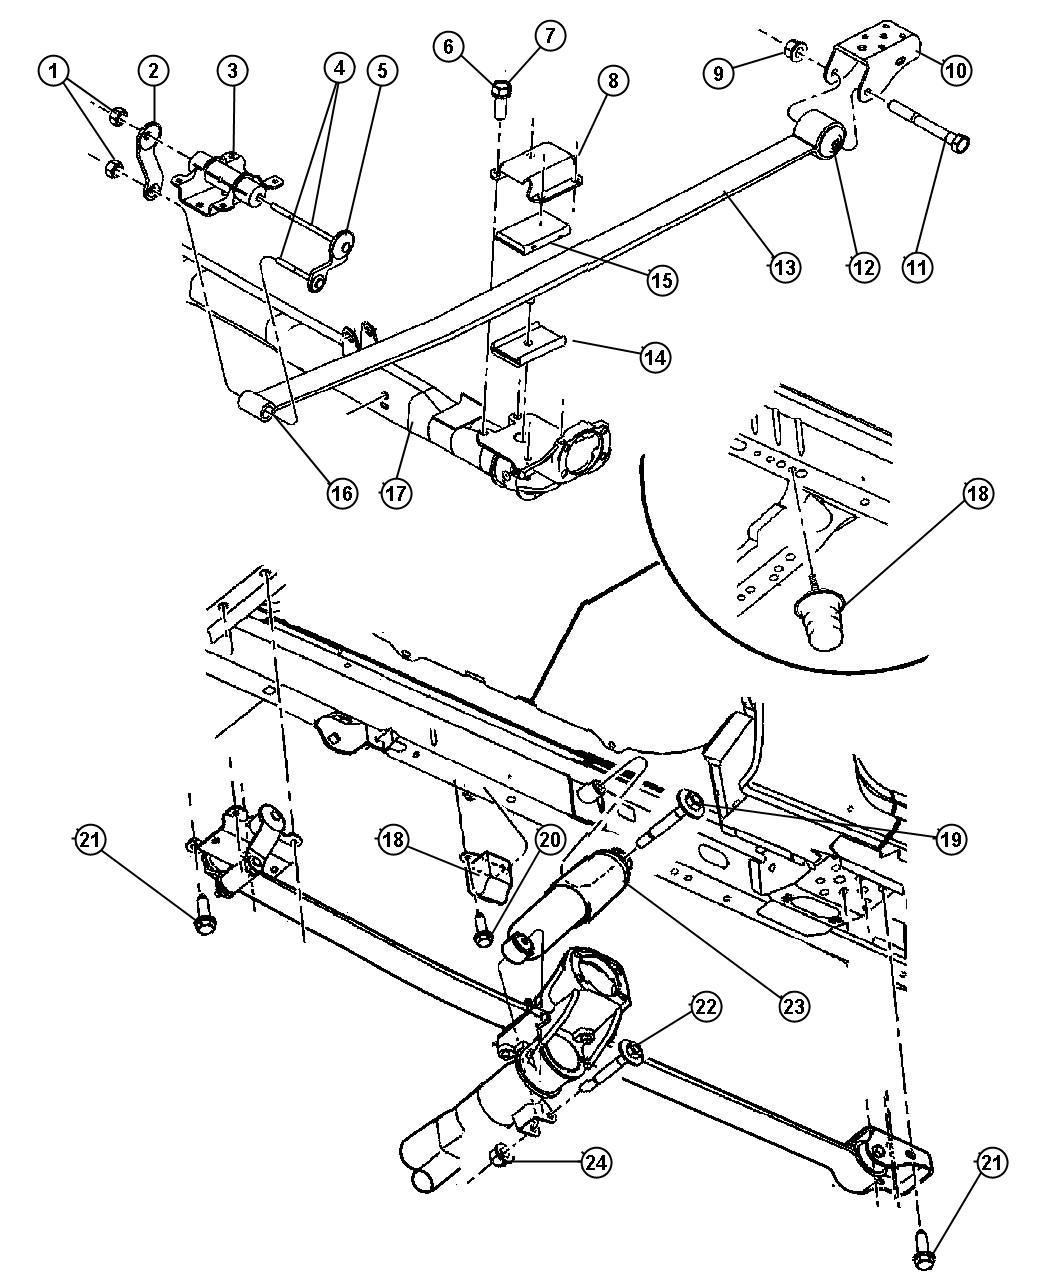 tags: #2000 pontiac montana cooling system diagram#pontiac g6 cooling  system diagram#2004 pontiac montana engine diagram#1999 pontiac montana  engine